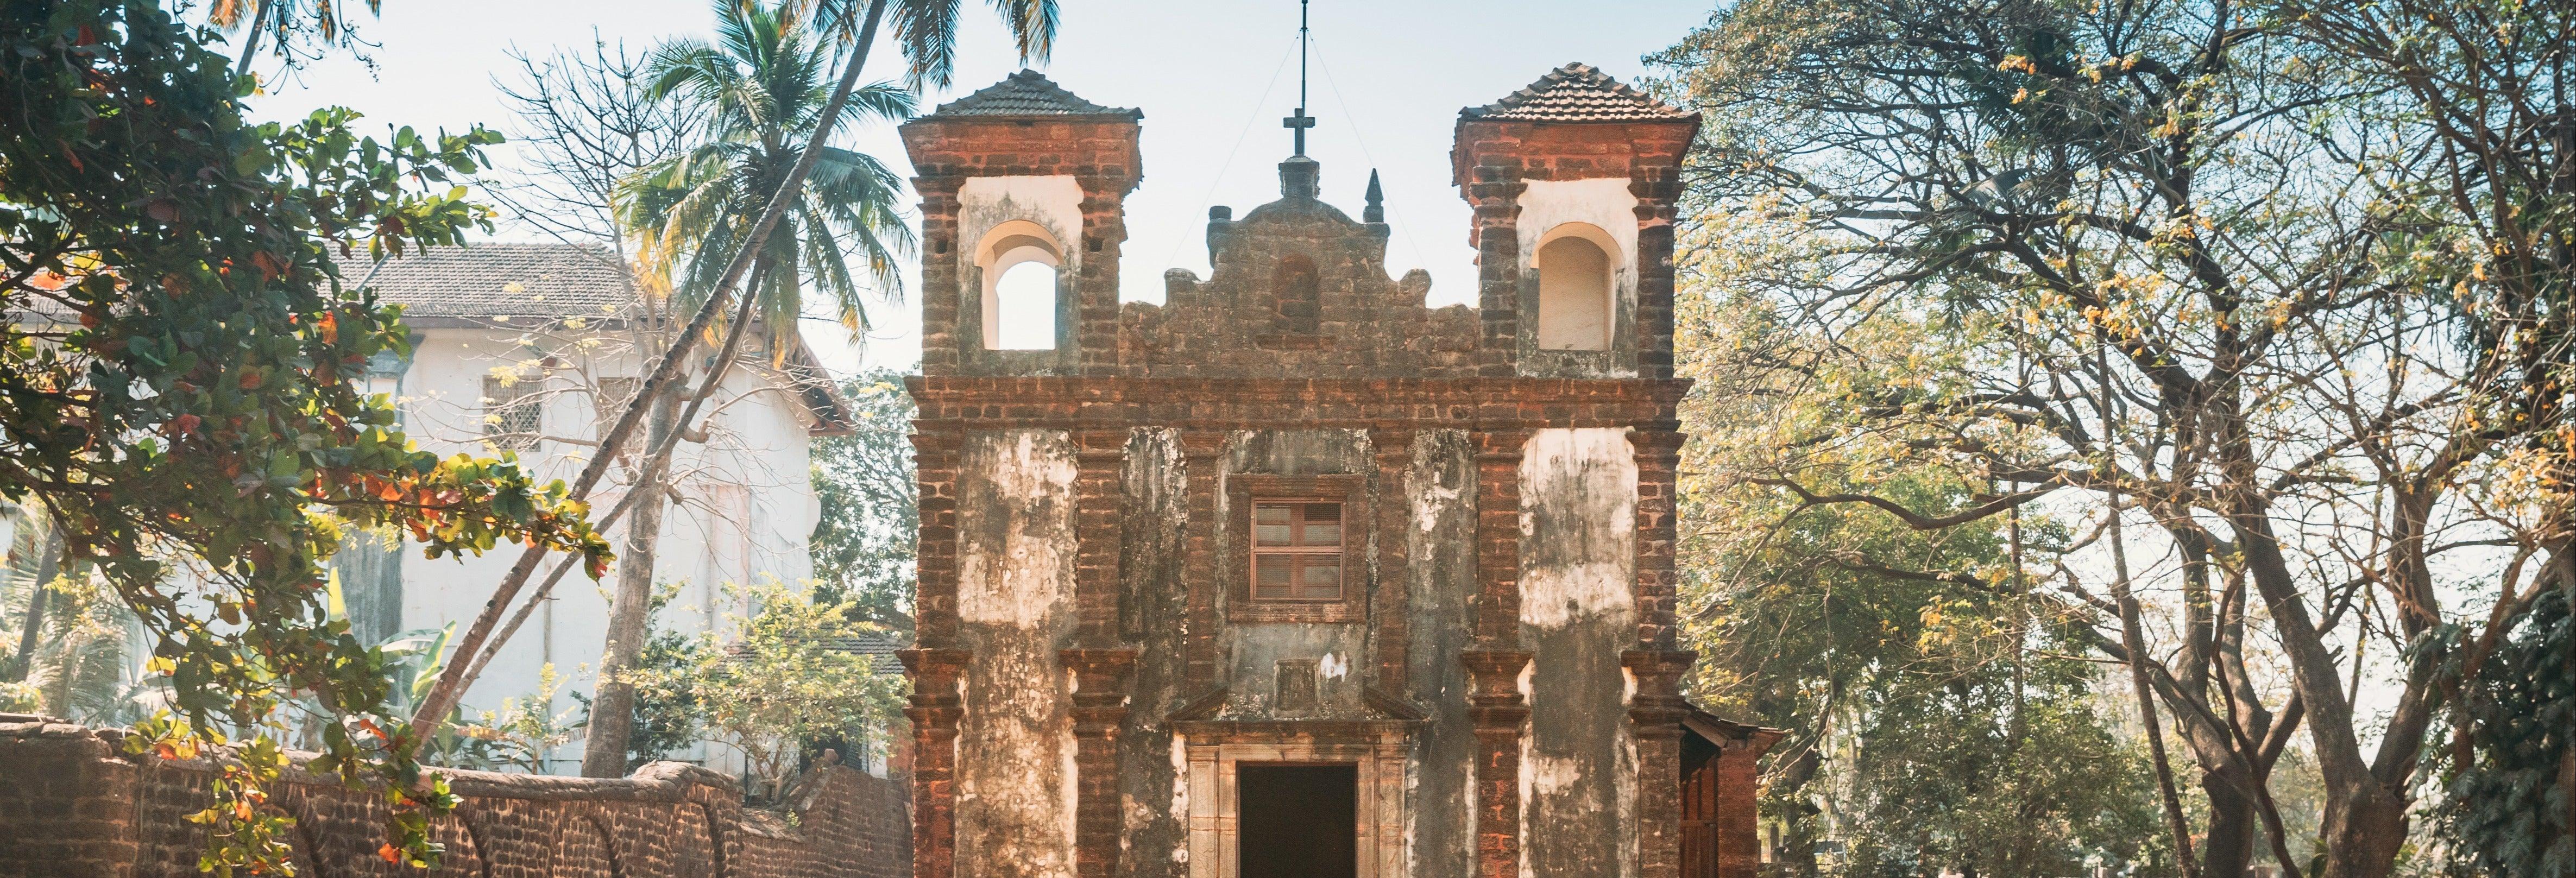 Tour delle chiese di Goa